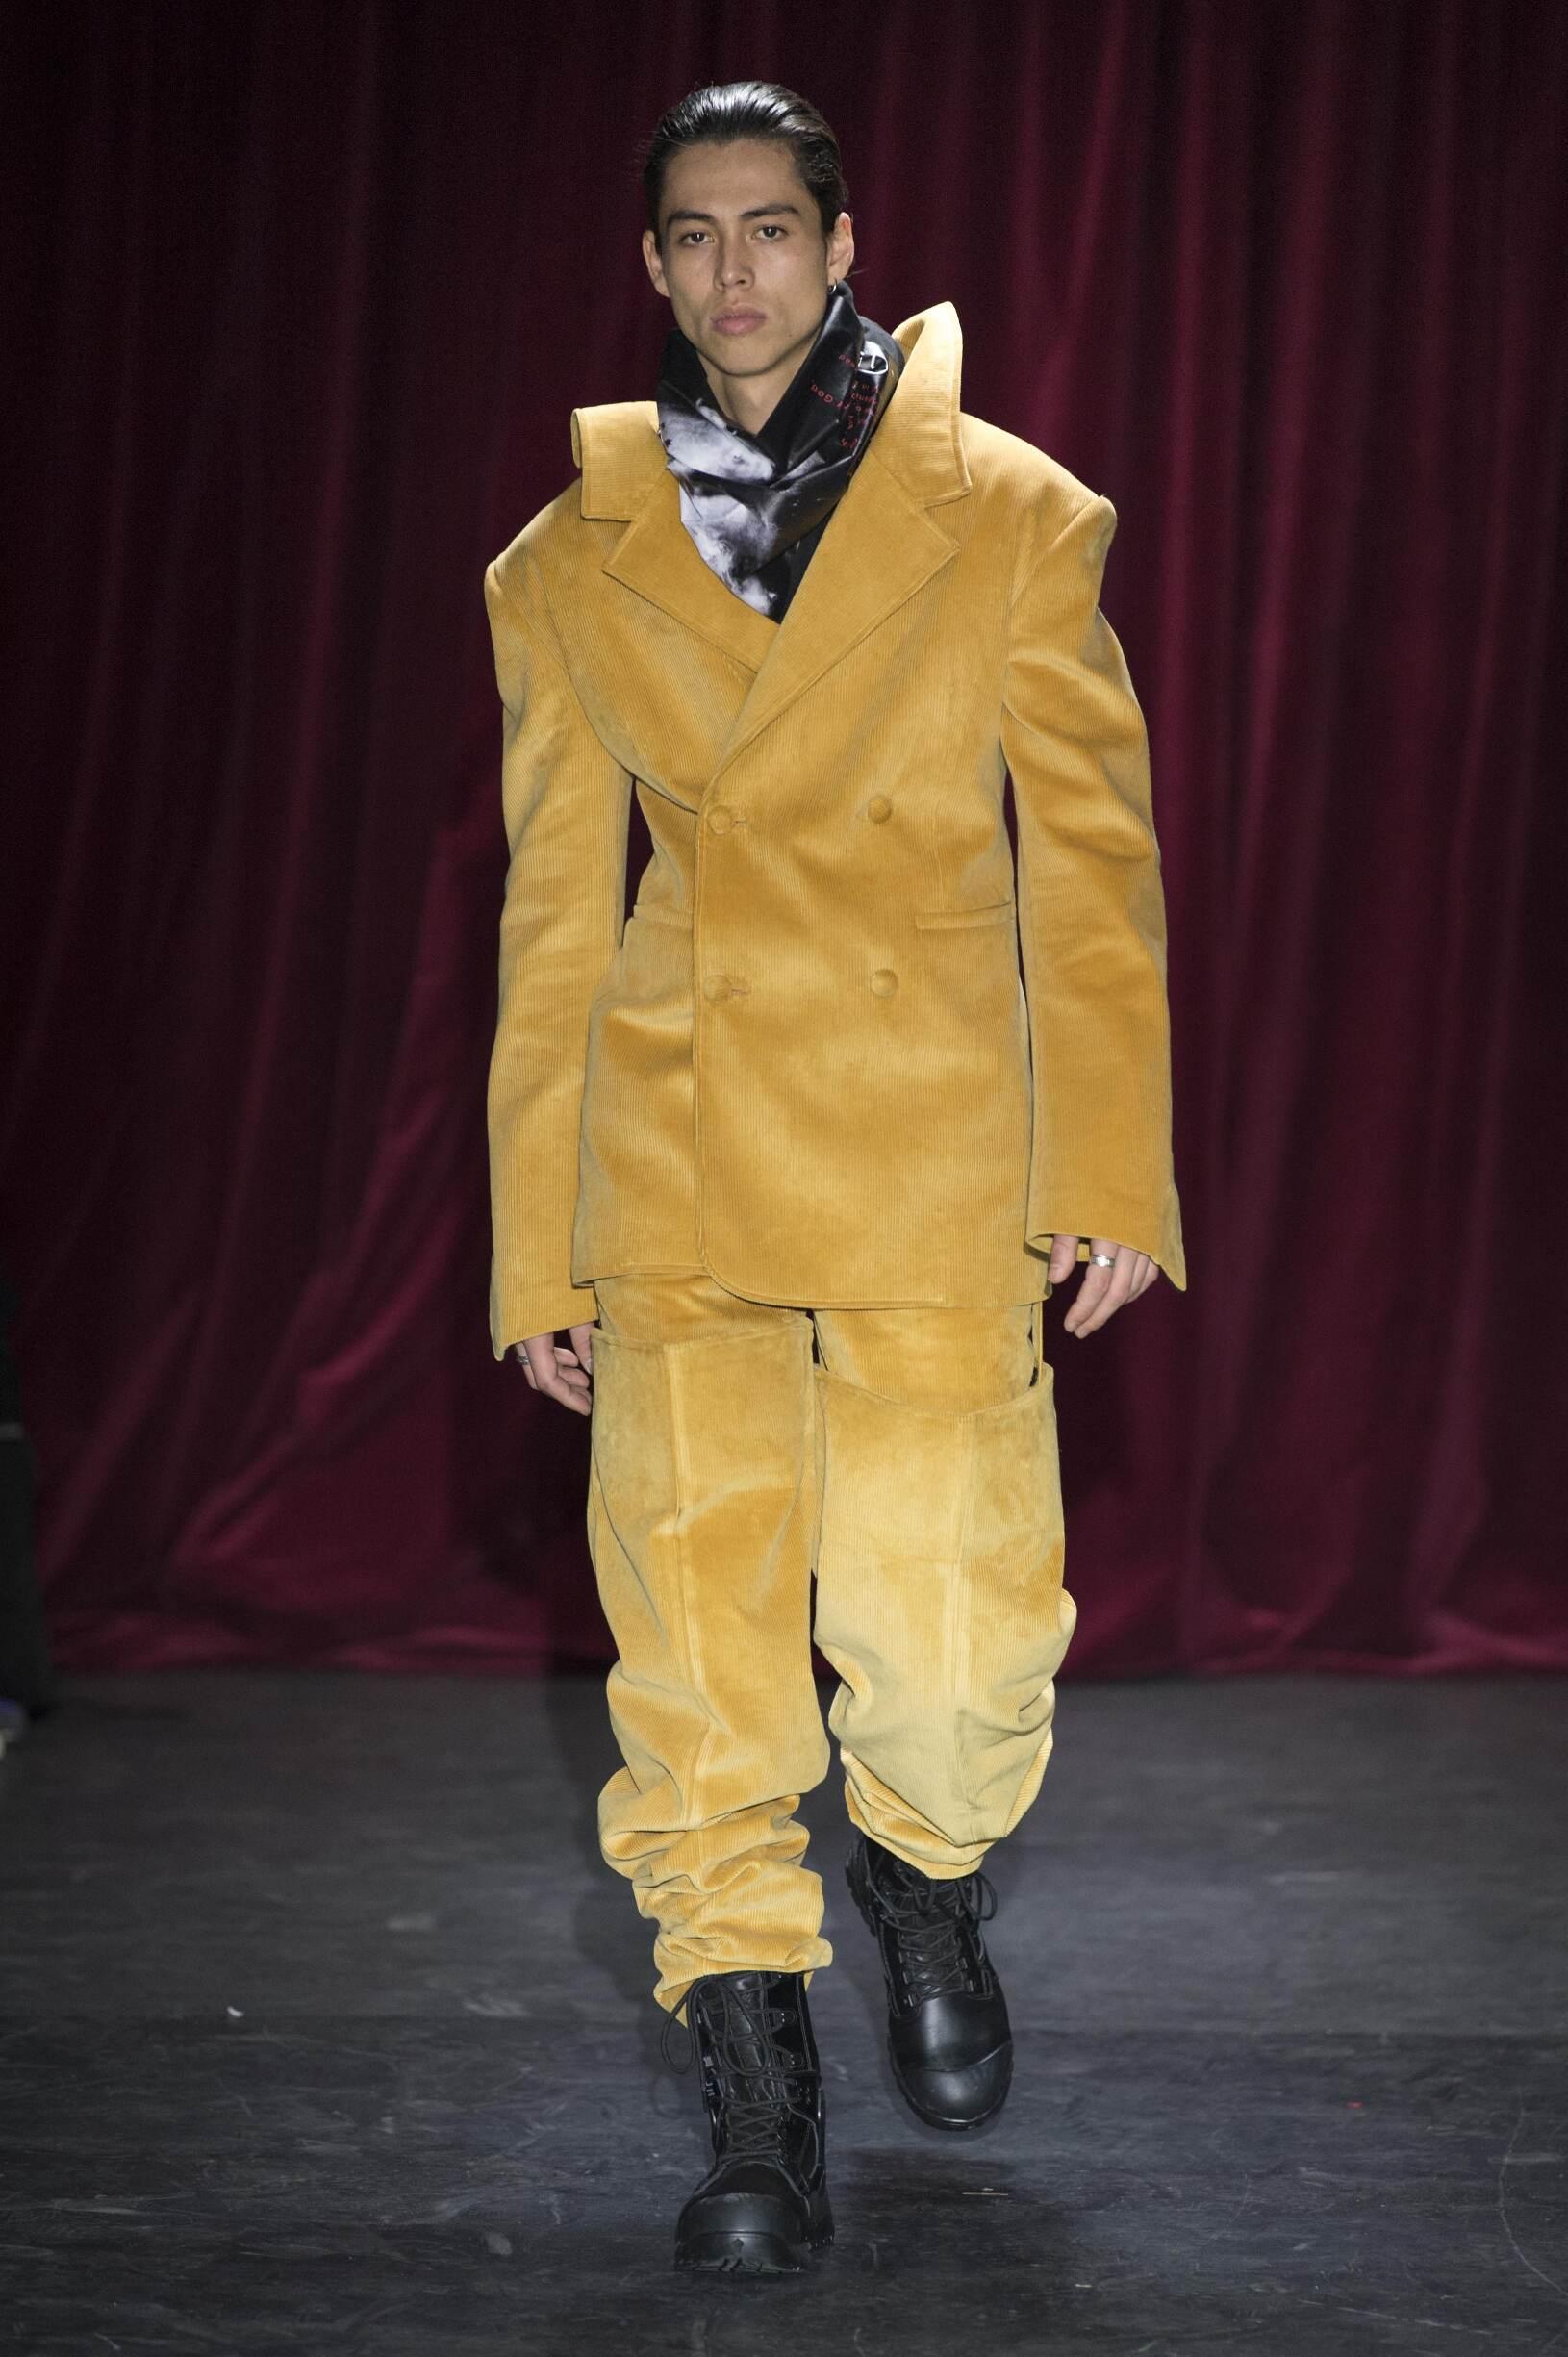 Fashion Man Model Y/Project Catwalk